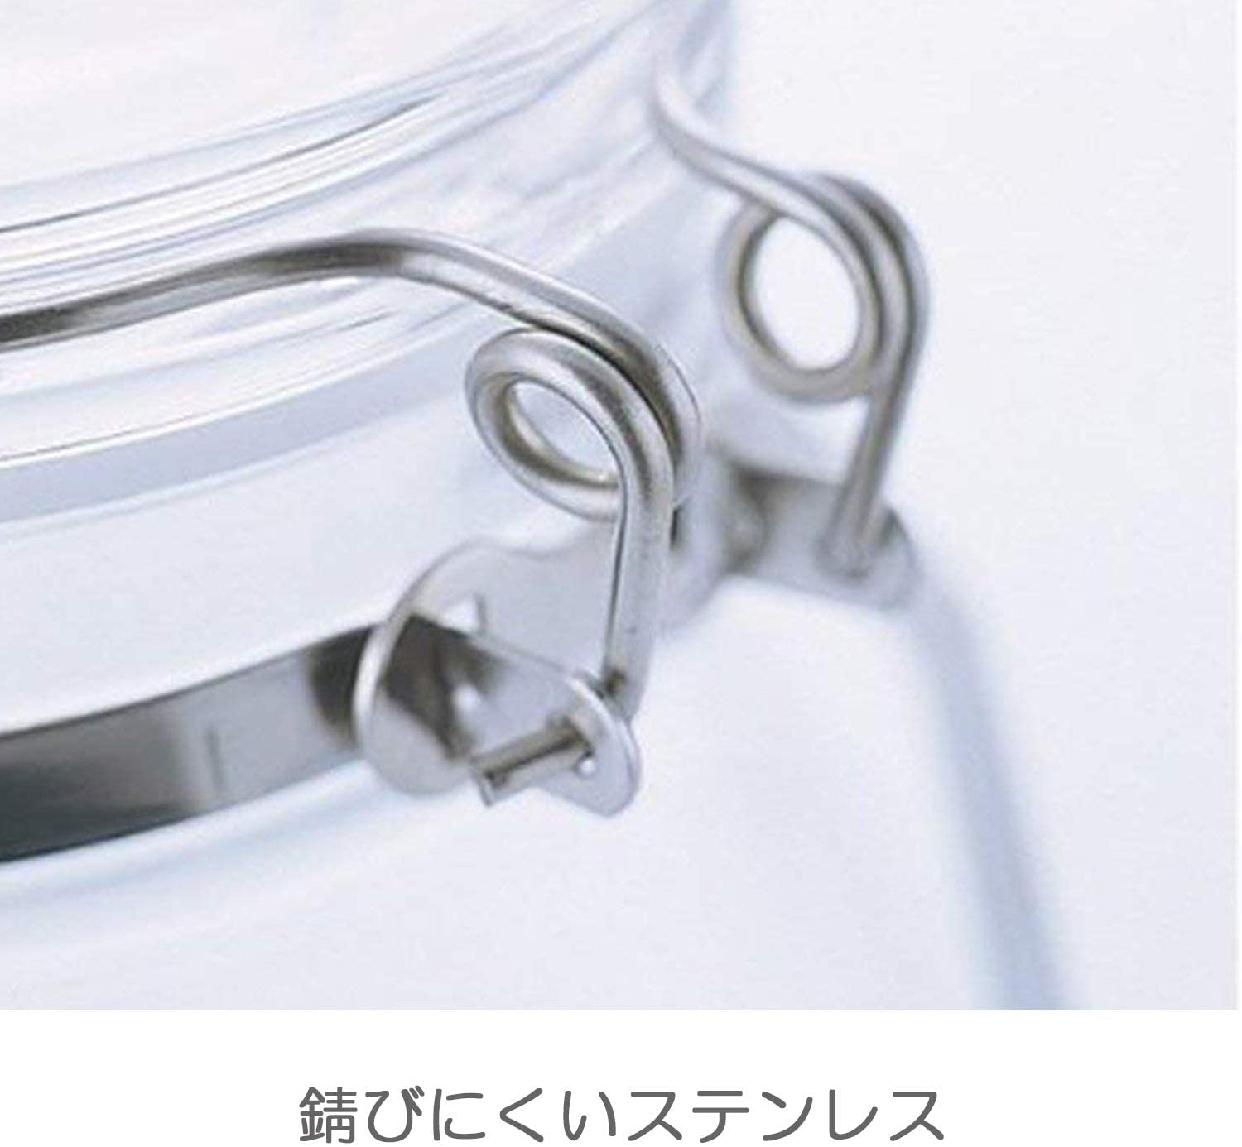 星硝(セイショウ)取手付密封びん4L 220339の商品画像13